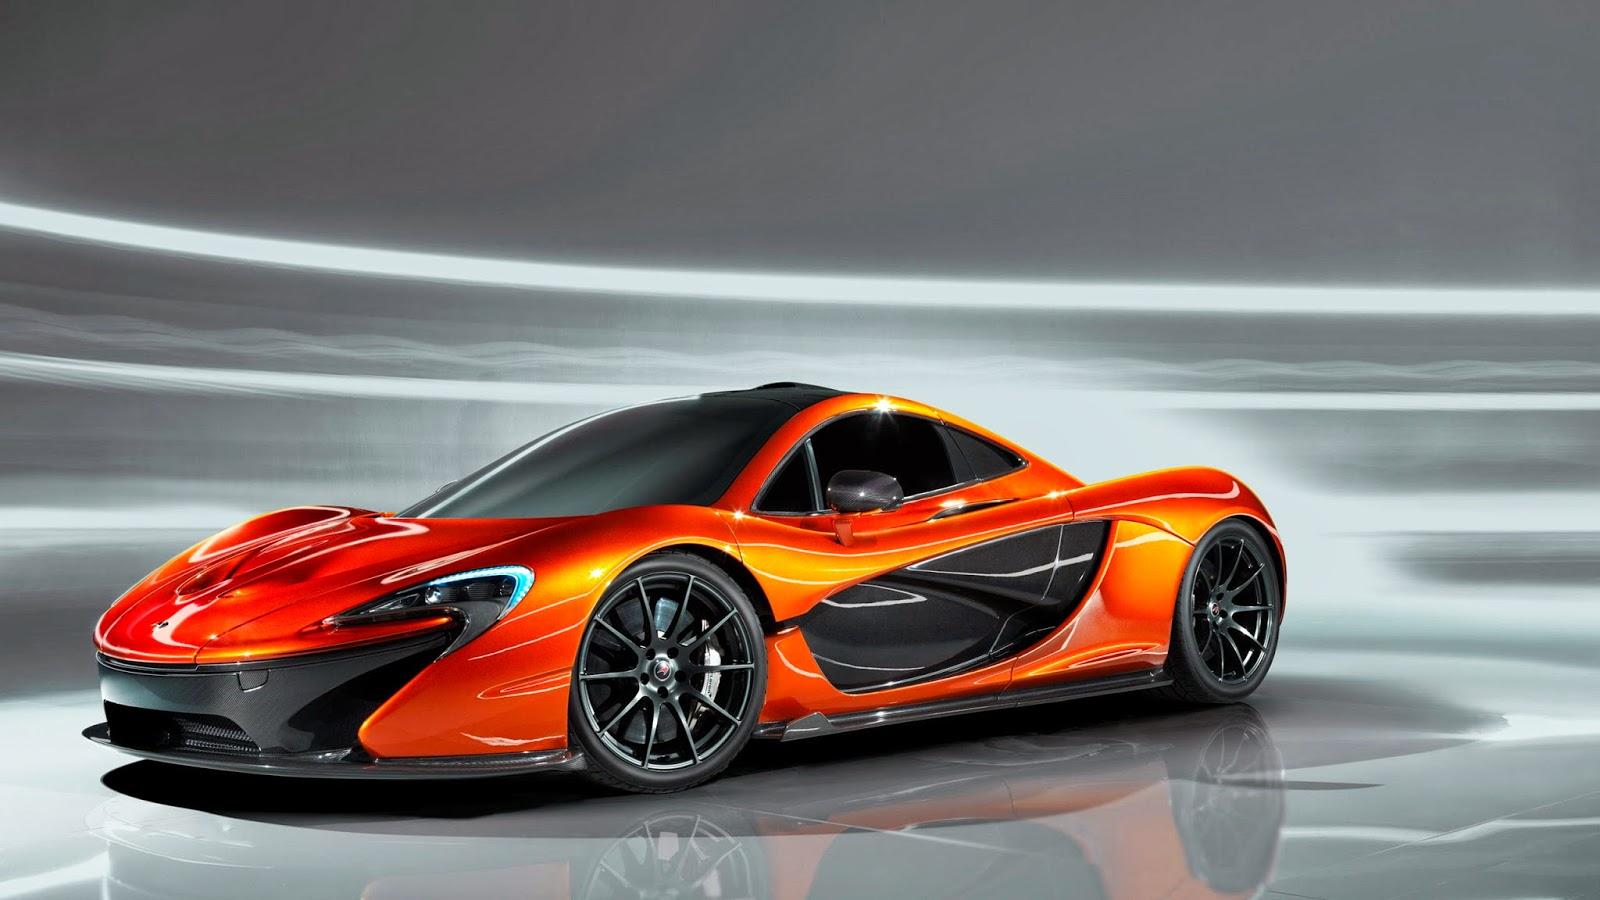 Best sports car under 20k